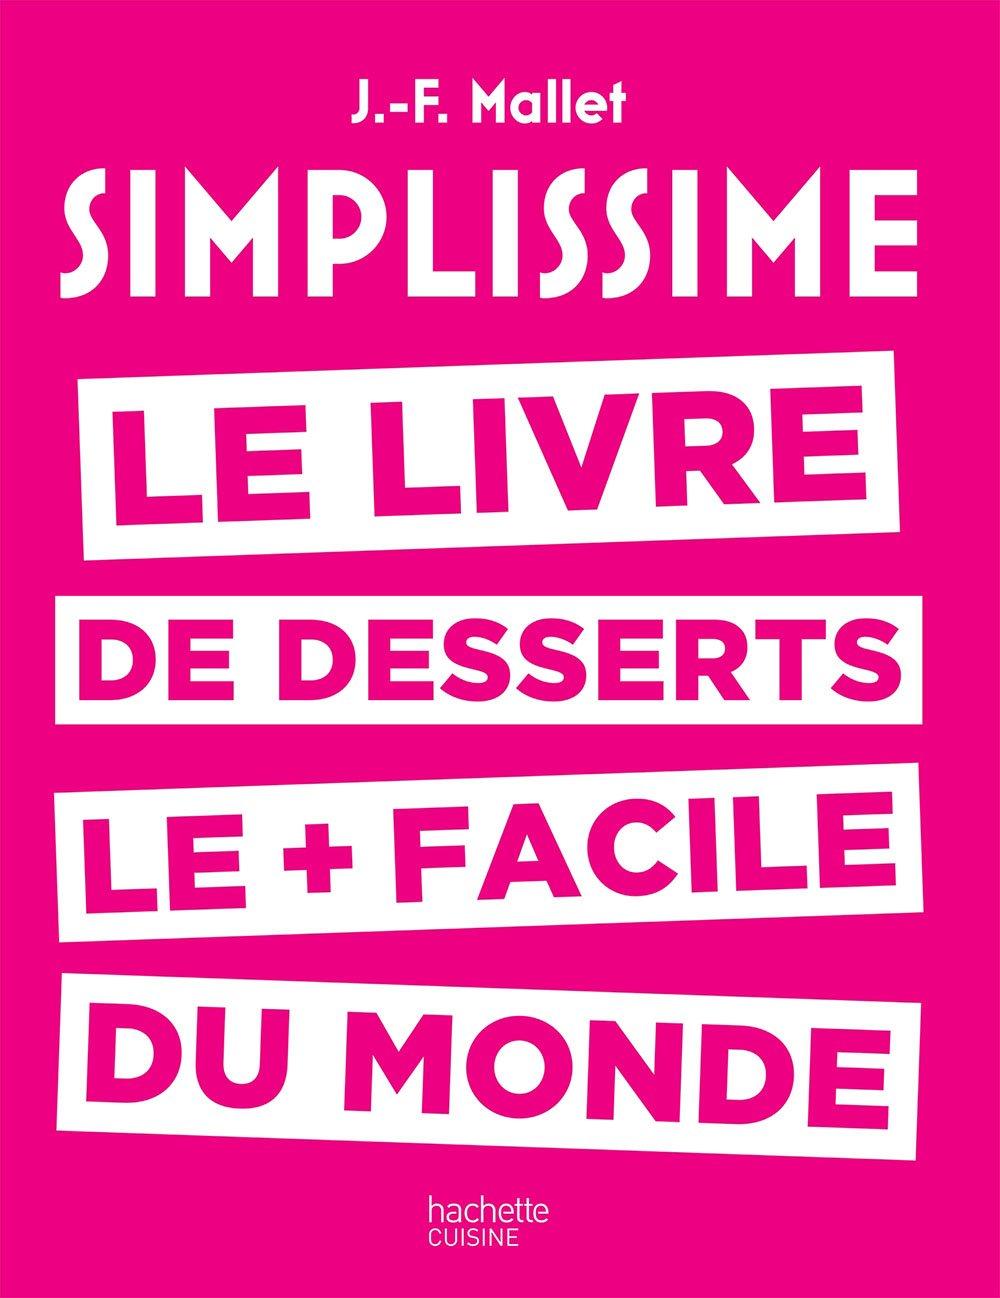 TELECHARGER MAGAZINE Simplissime desserts Le livre de desserts les + faciles du monde